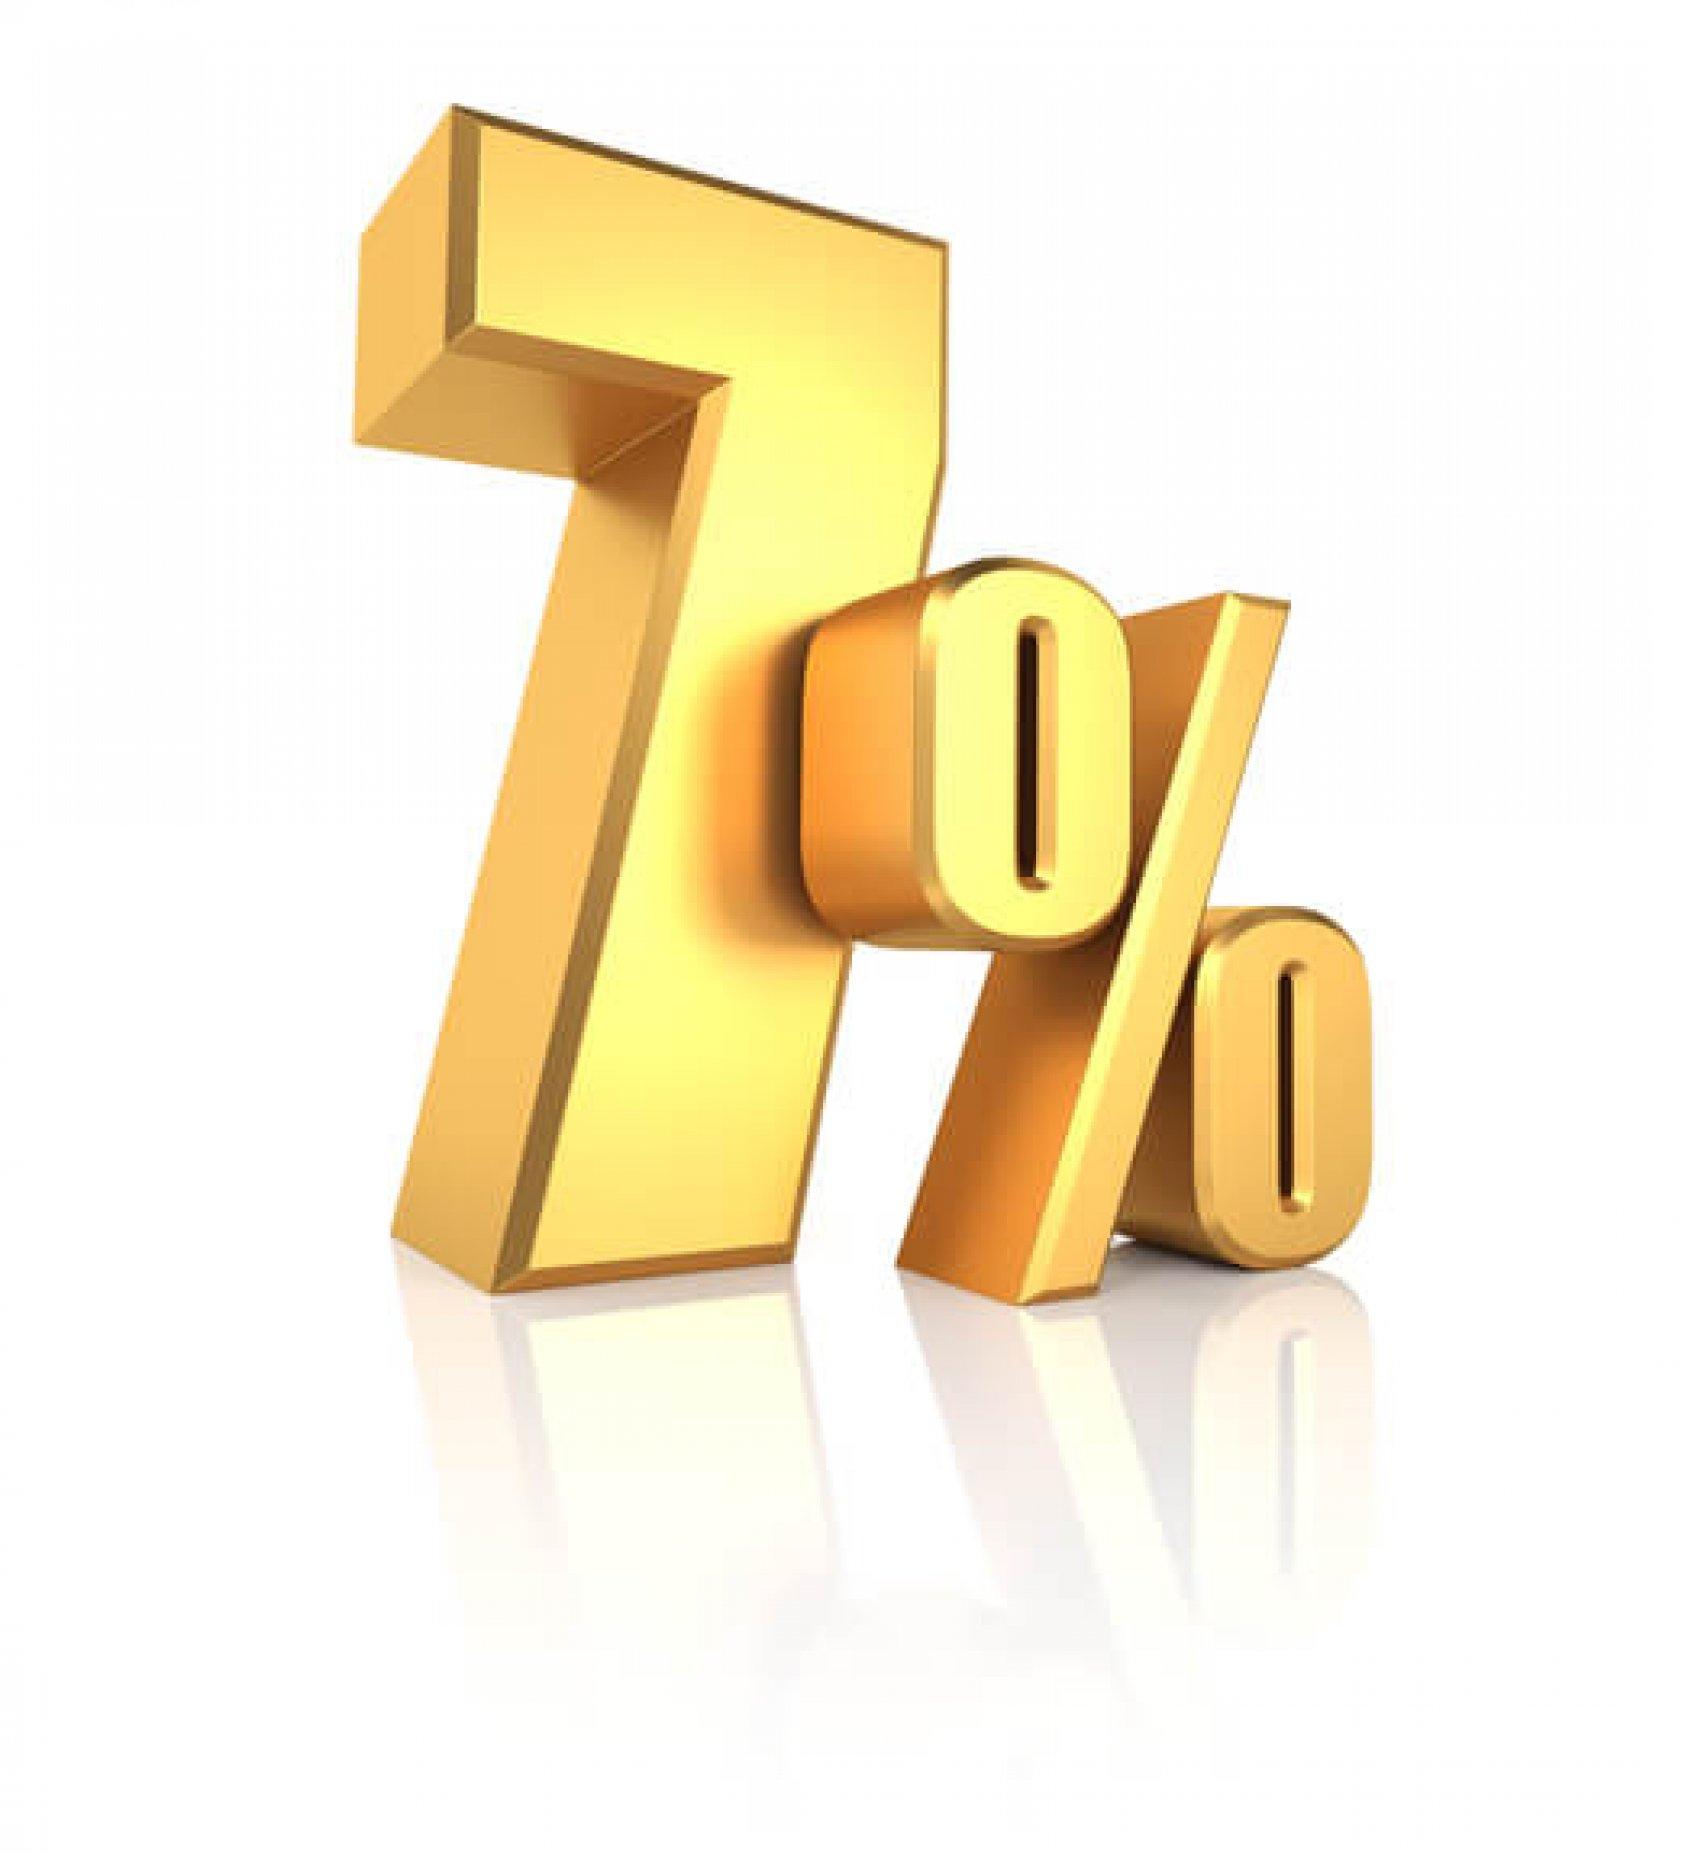 Umsatzsteuer, Mehrwertsteuer, Steuersatz, 7 %, 19%, Regelsteuersatz, ermäßigter Steuersatz, Fotorecht, Rechtsanwalt David Seiler, Nutzungsrecht, Rechtsgutachten